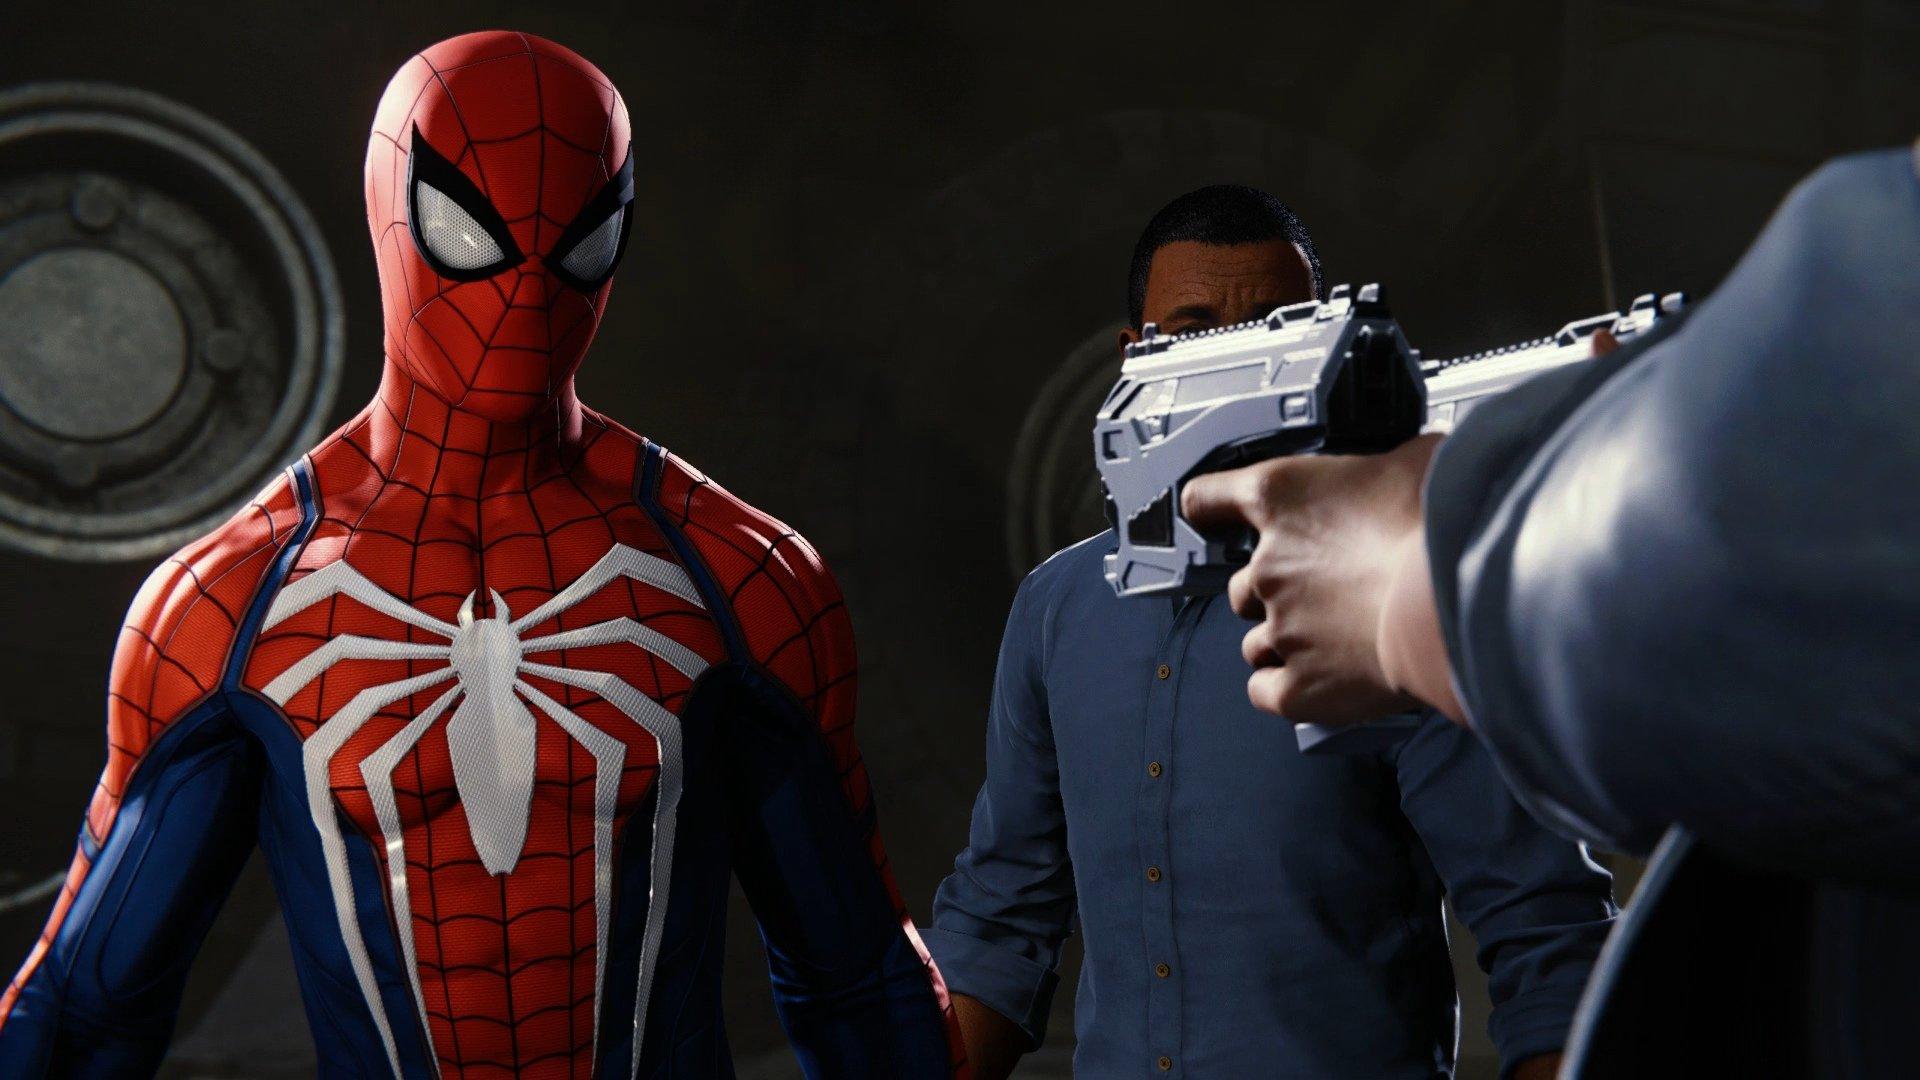 Análisis de Spider-Man para PS4 - 3DJuegos